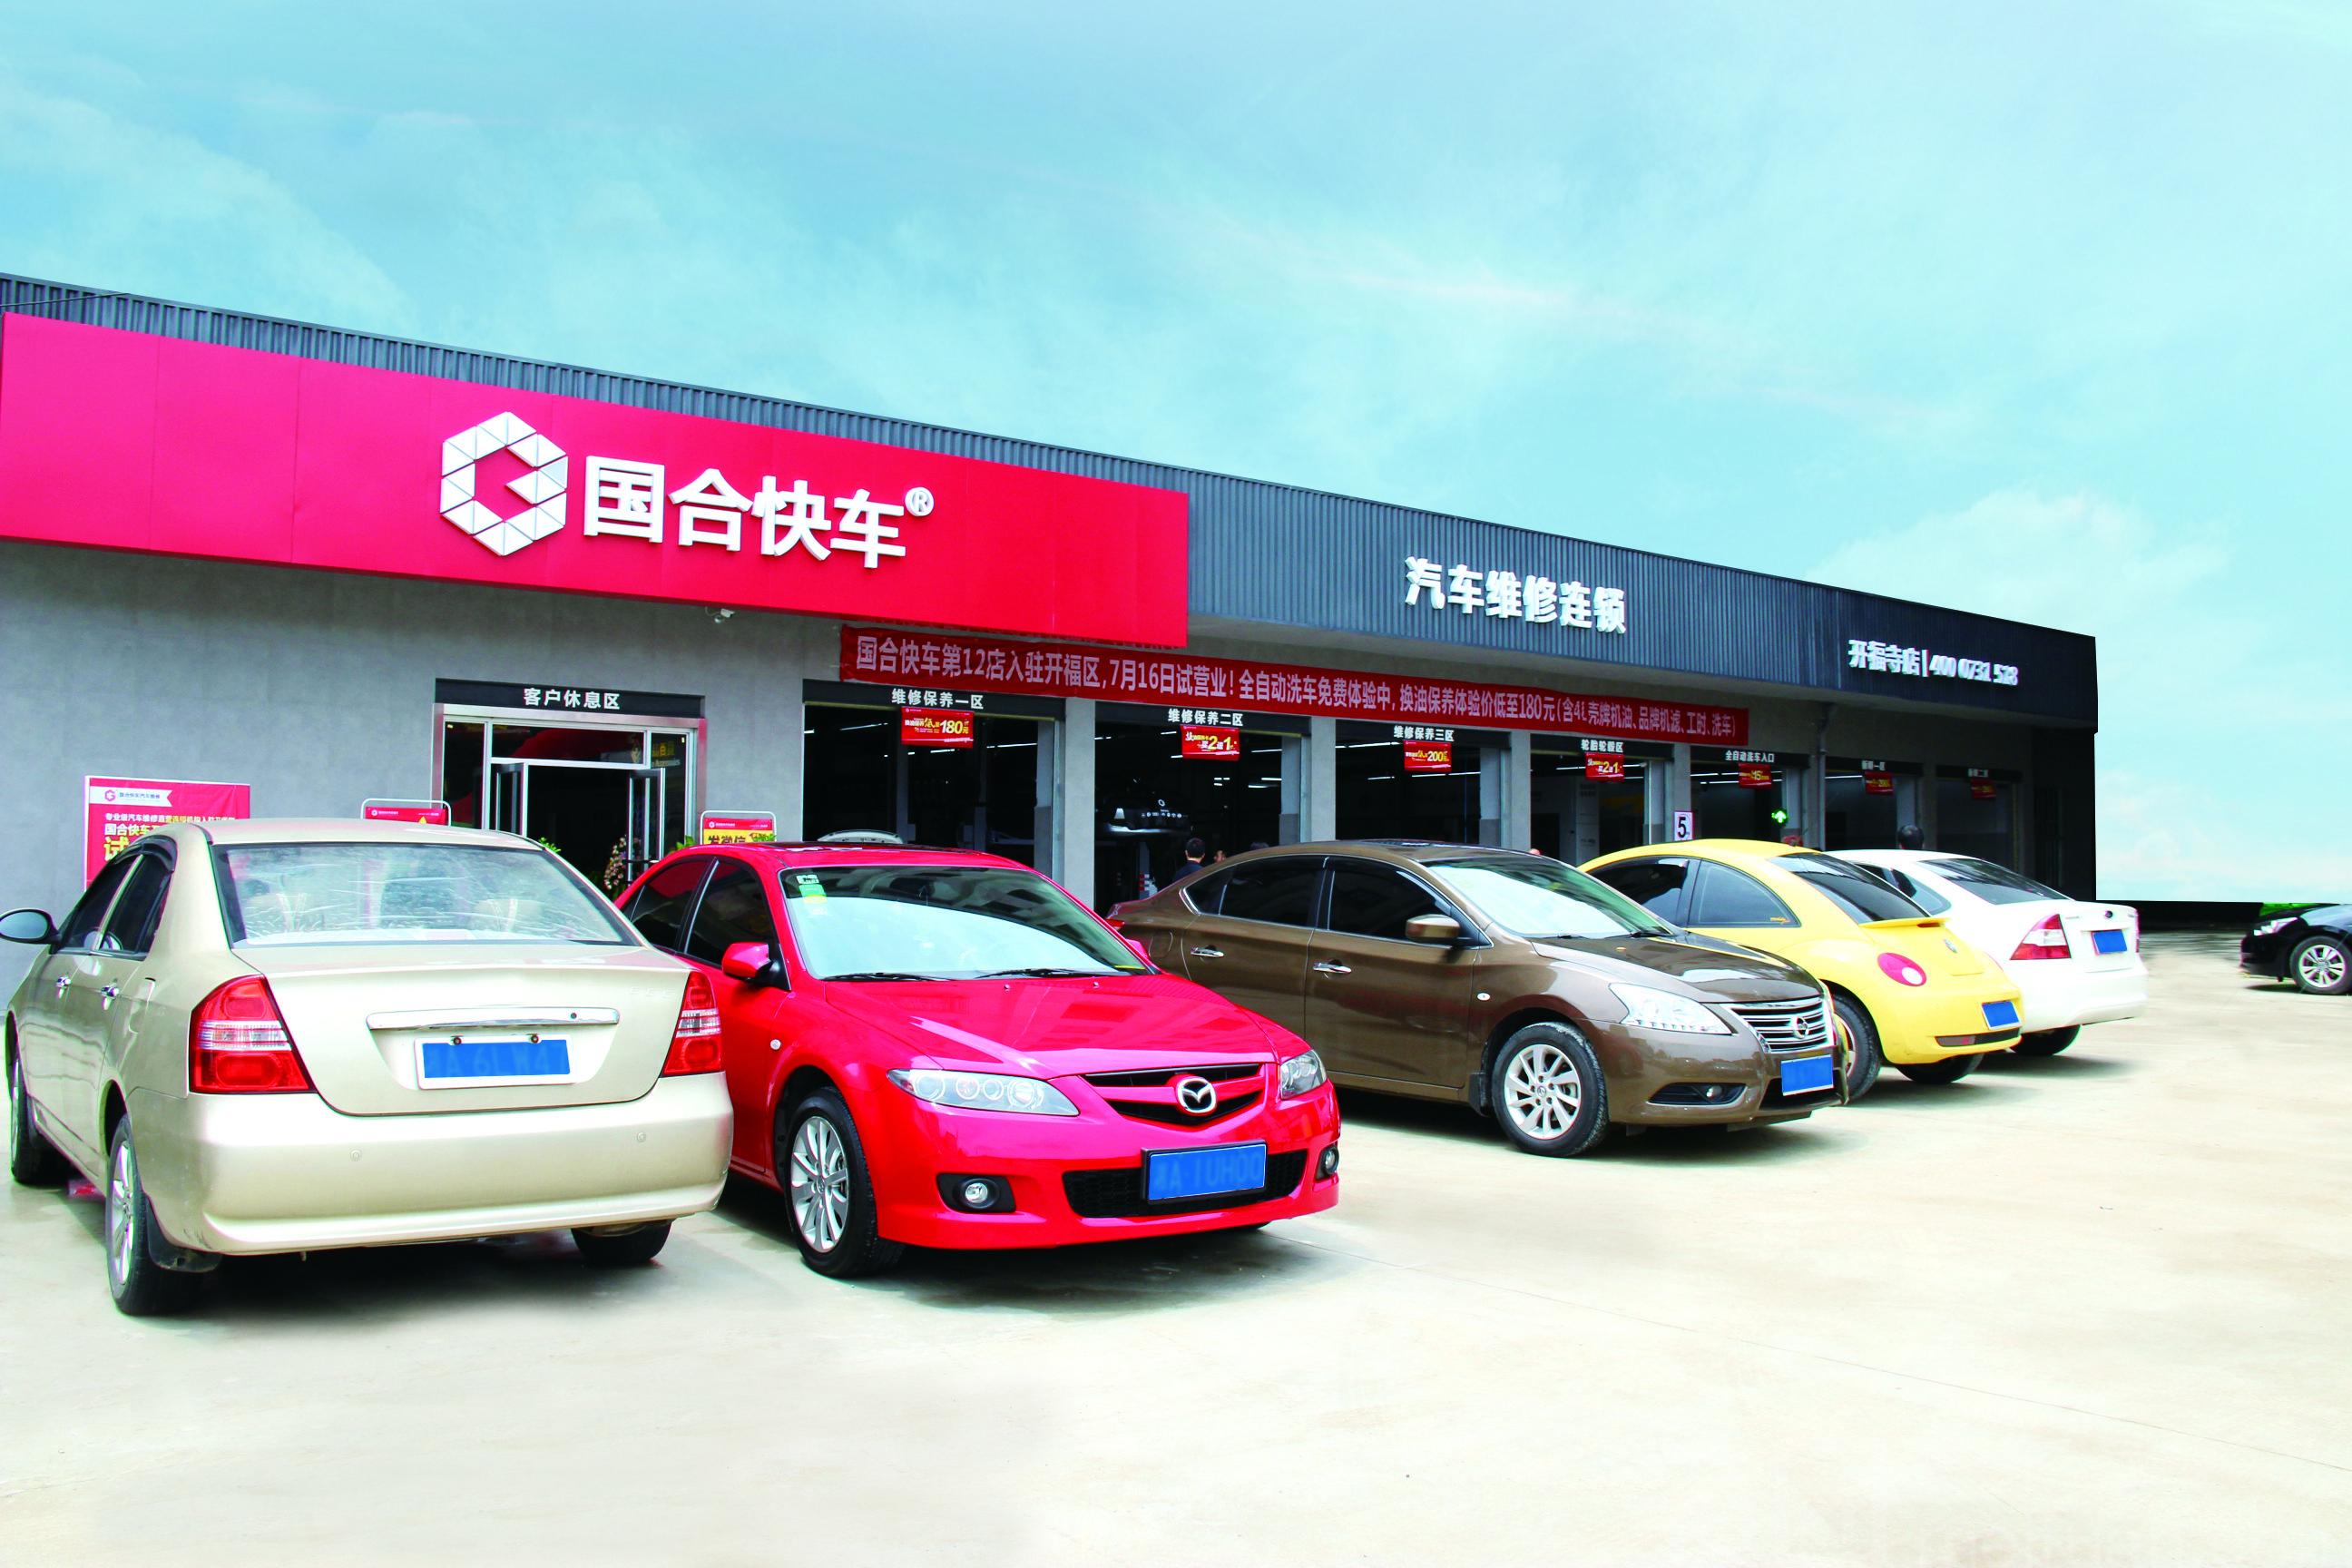 :长沙今日团购:【国合快车汽车美容】洗车+美埠室内美容套餐